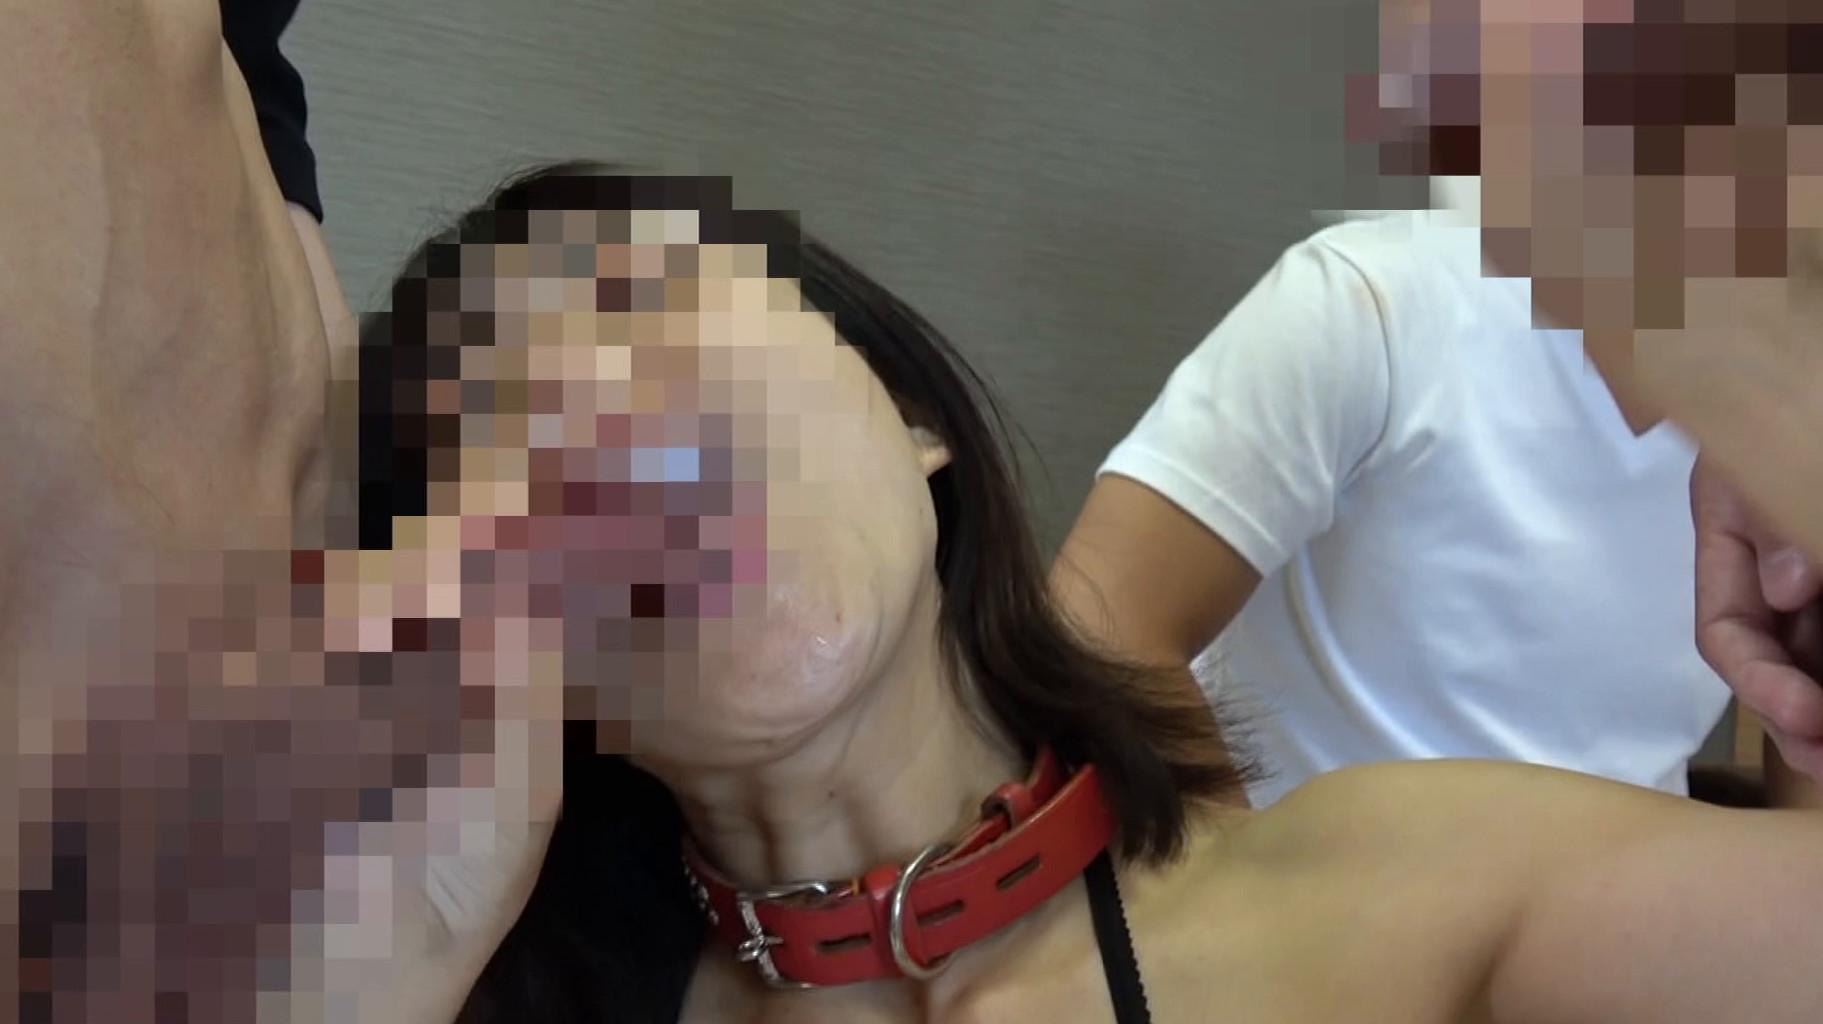 変態投稿 集団SEXに悶える熟女 画像3